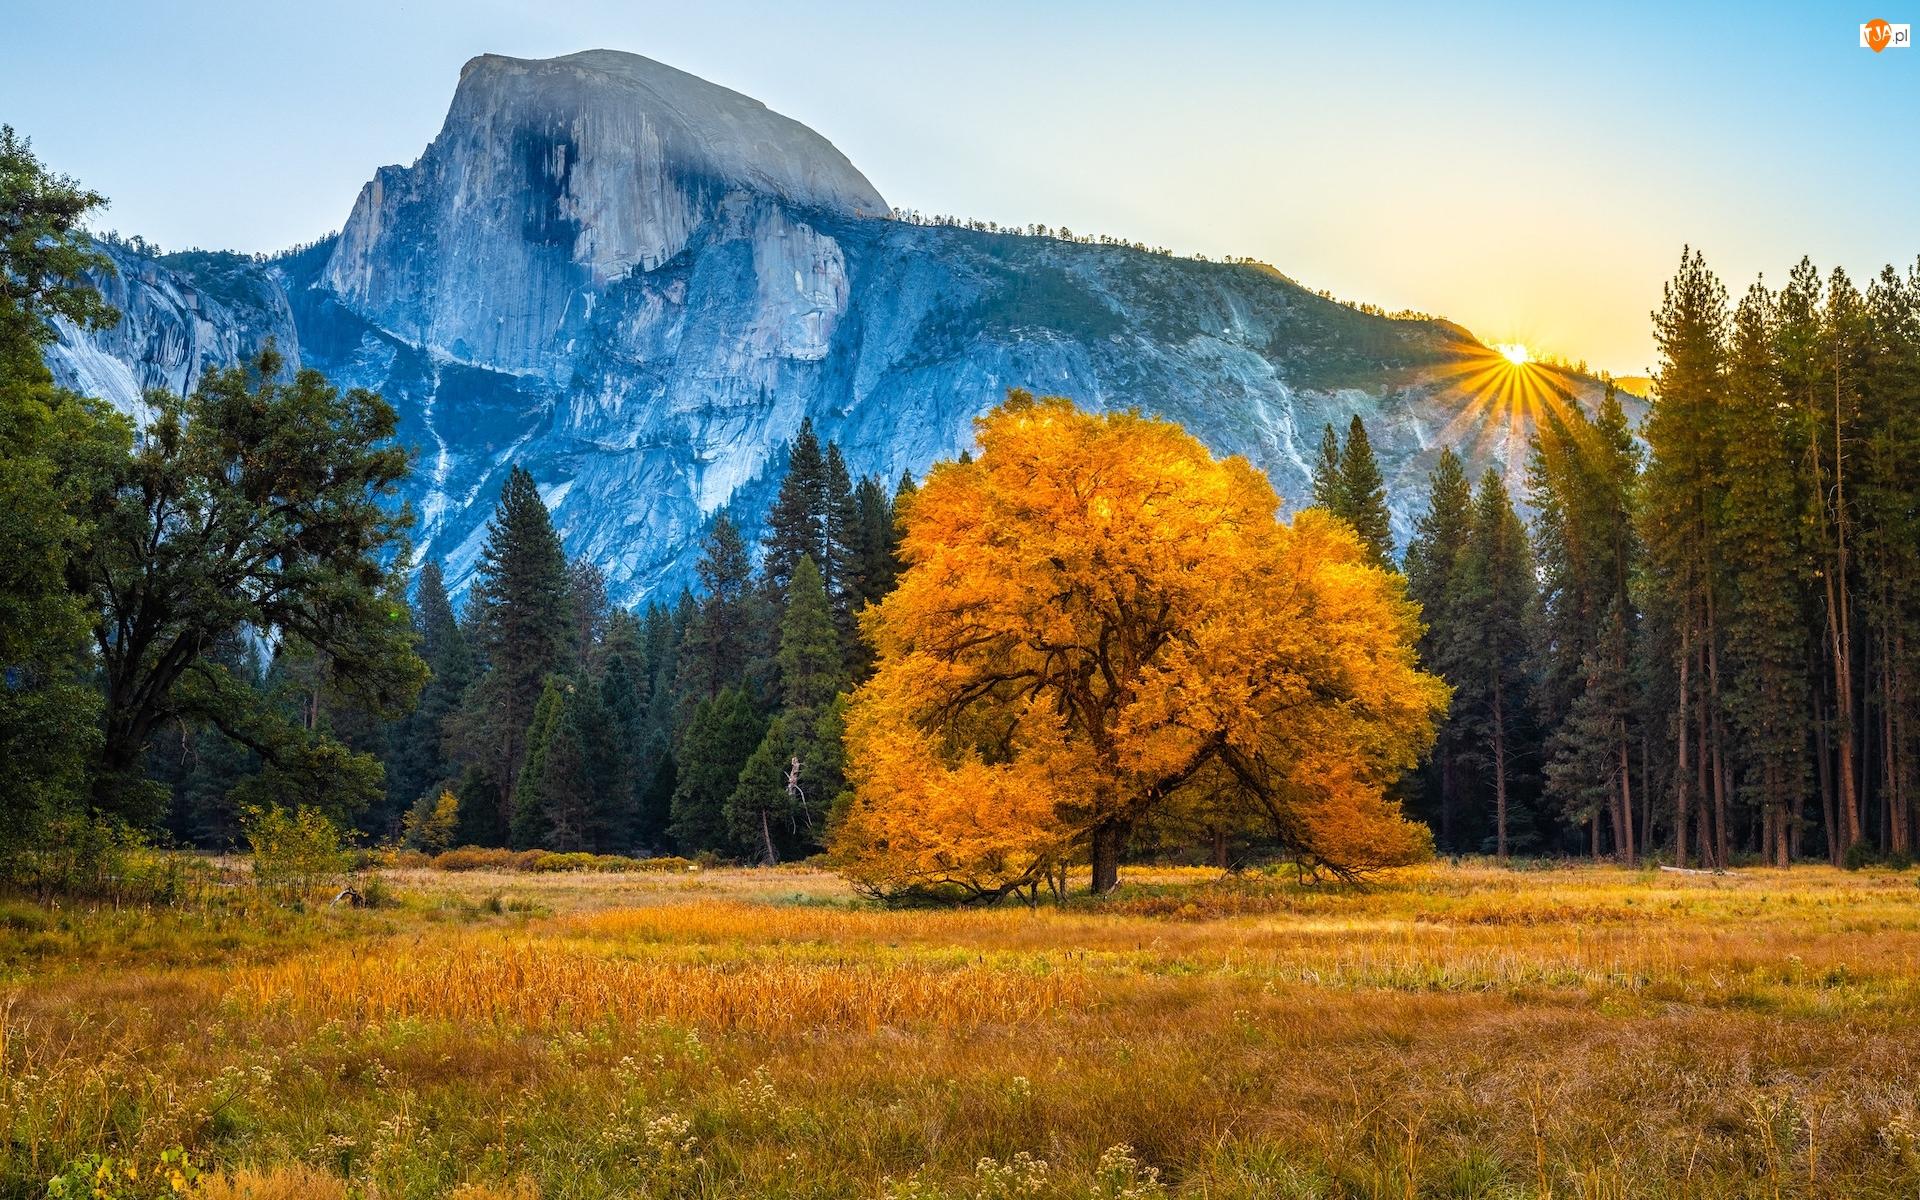 Promienie słońca, Jesień, Drzewa, Stan Kalifornia, Park Narodowy Yosemite, Las, Stany Zjednoczone, Góry